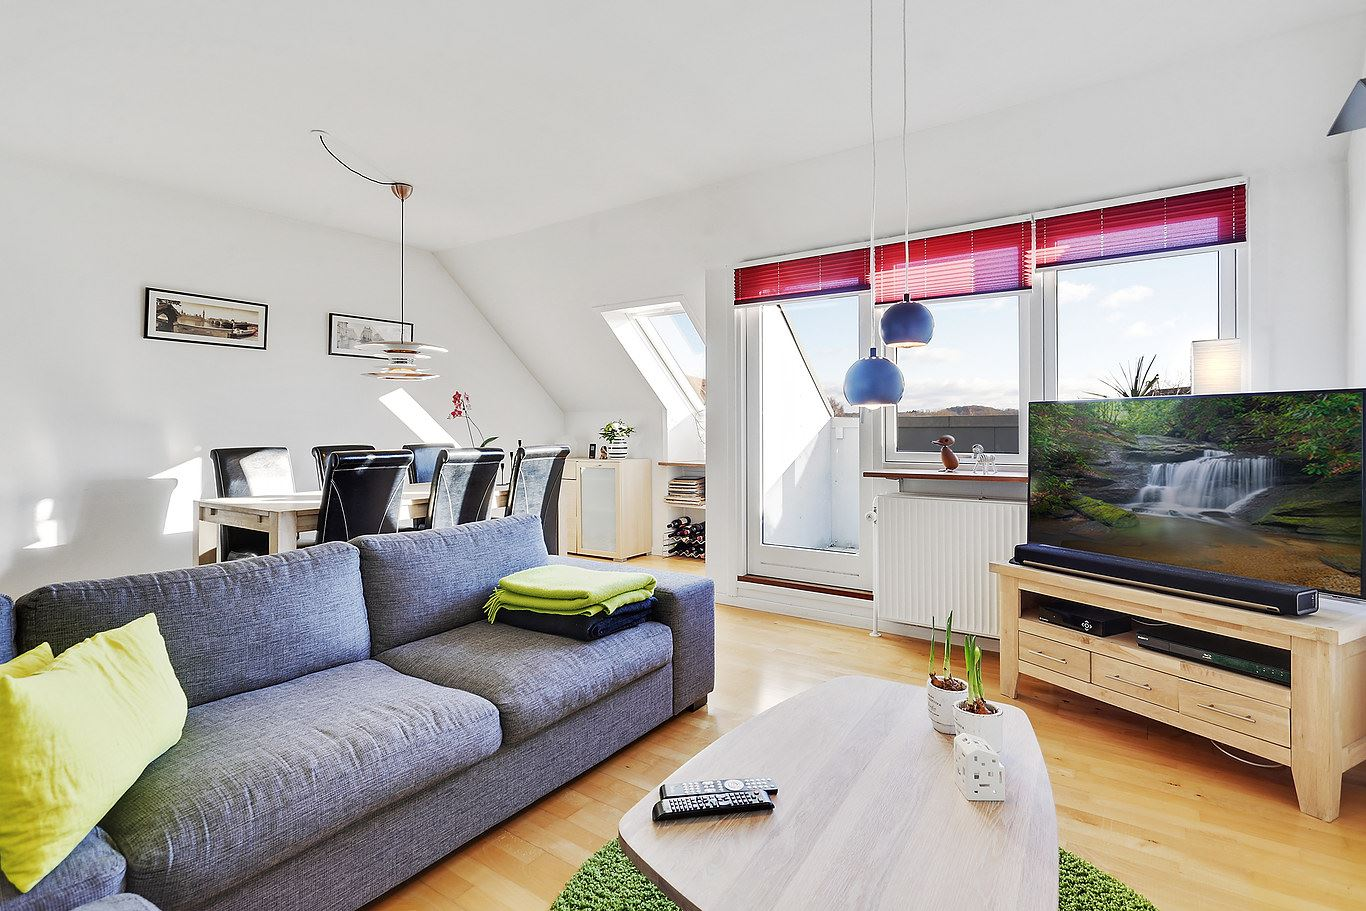 Langenæs Allé 47 3 tv, 8000 Aarhus C